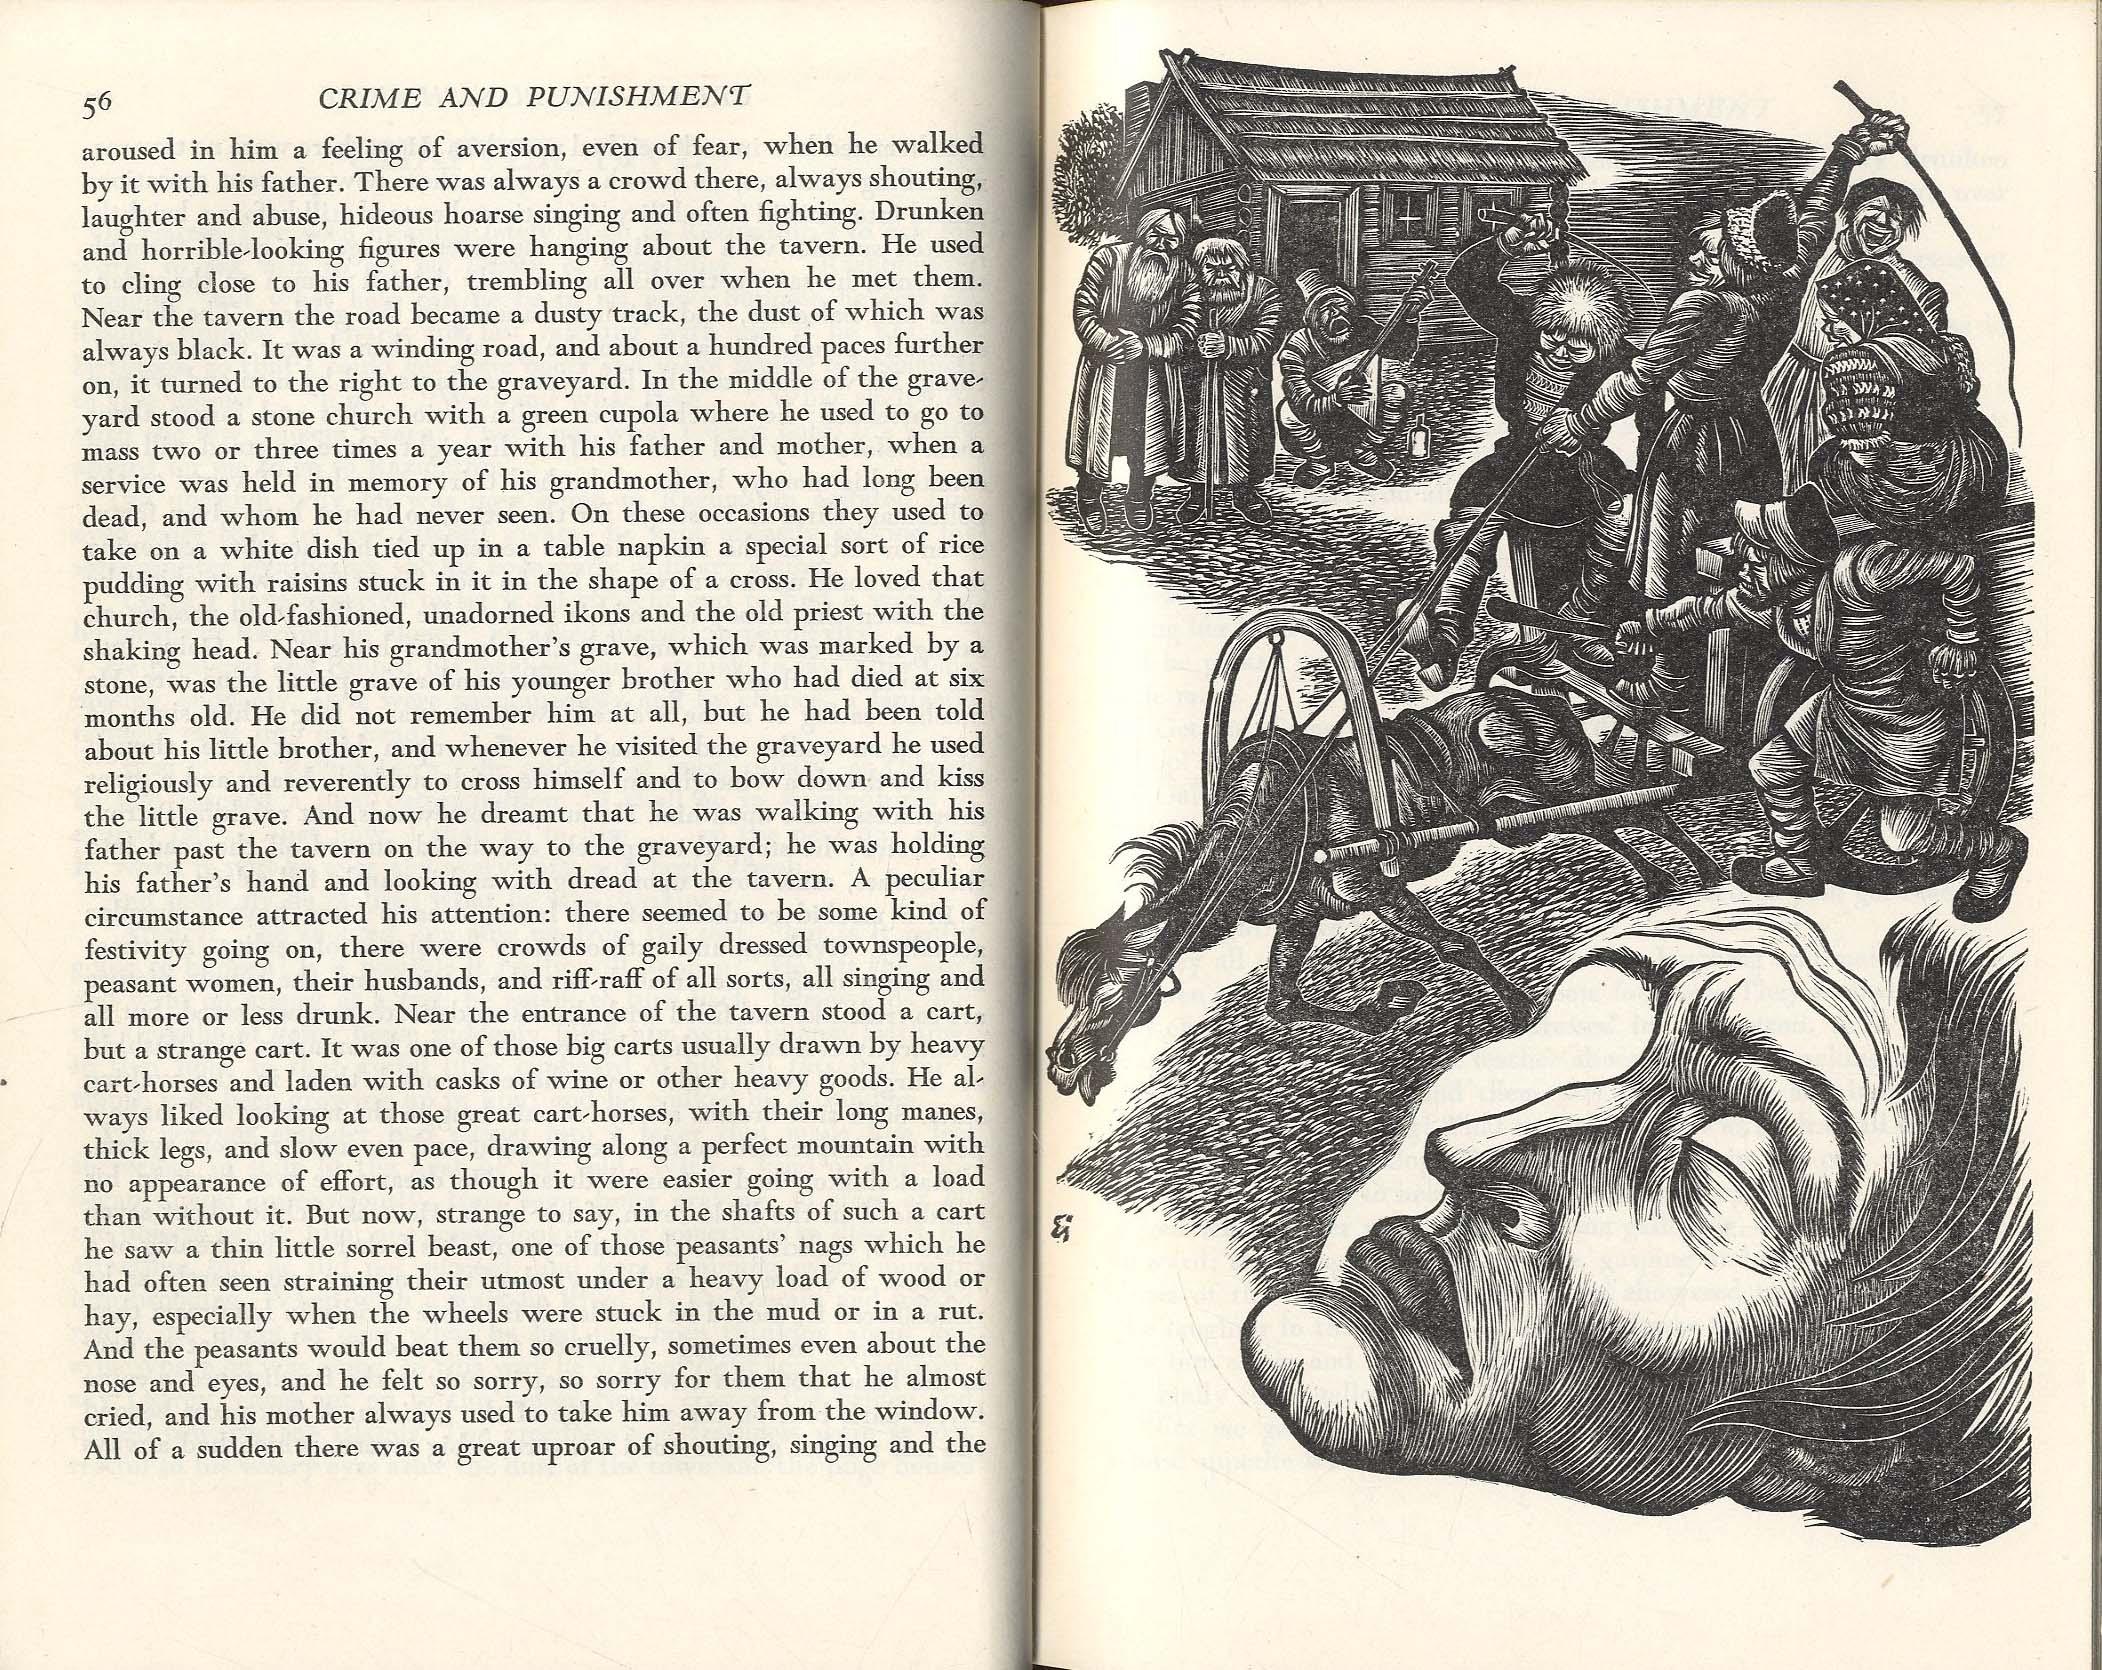 Why does Raskolnikov suffer